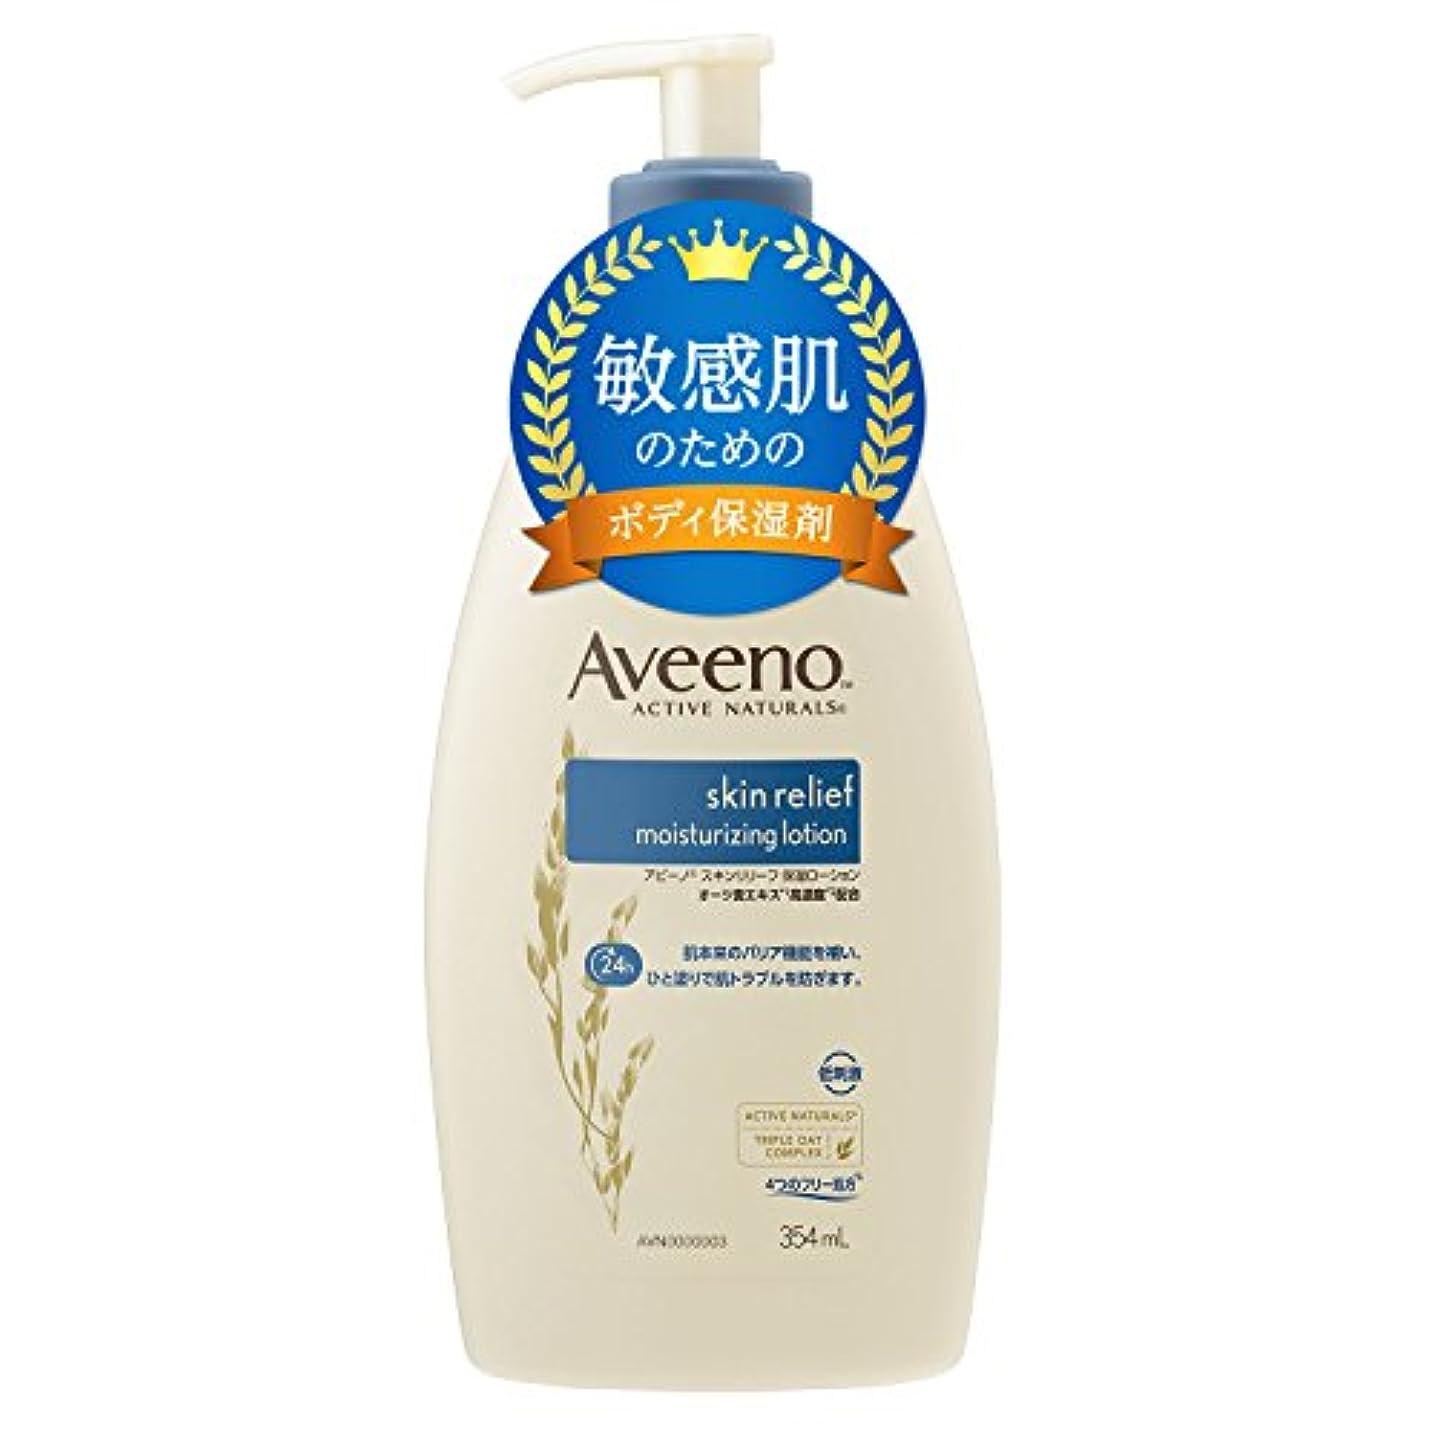 遮るジョブ余分な【Amazon.co.jp限定】Aveeno(アビーノ) スキンリリーフ 保湿ローション 354ml 【極度の乾燥肌、敏感肌の方向け】